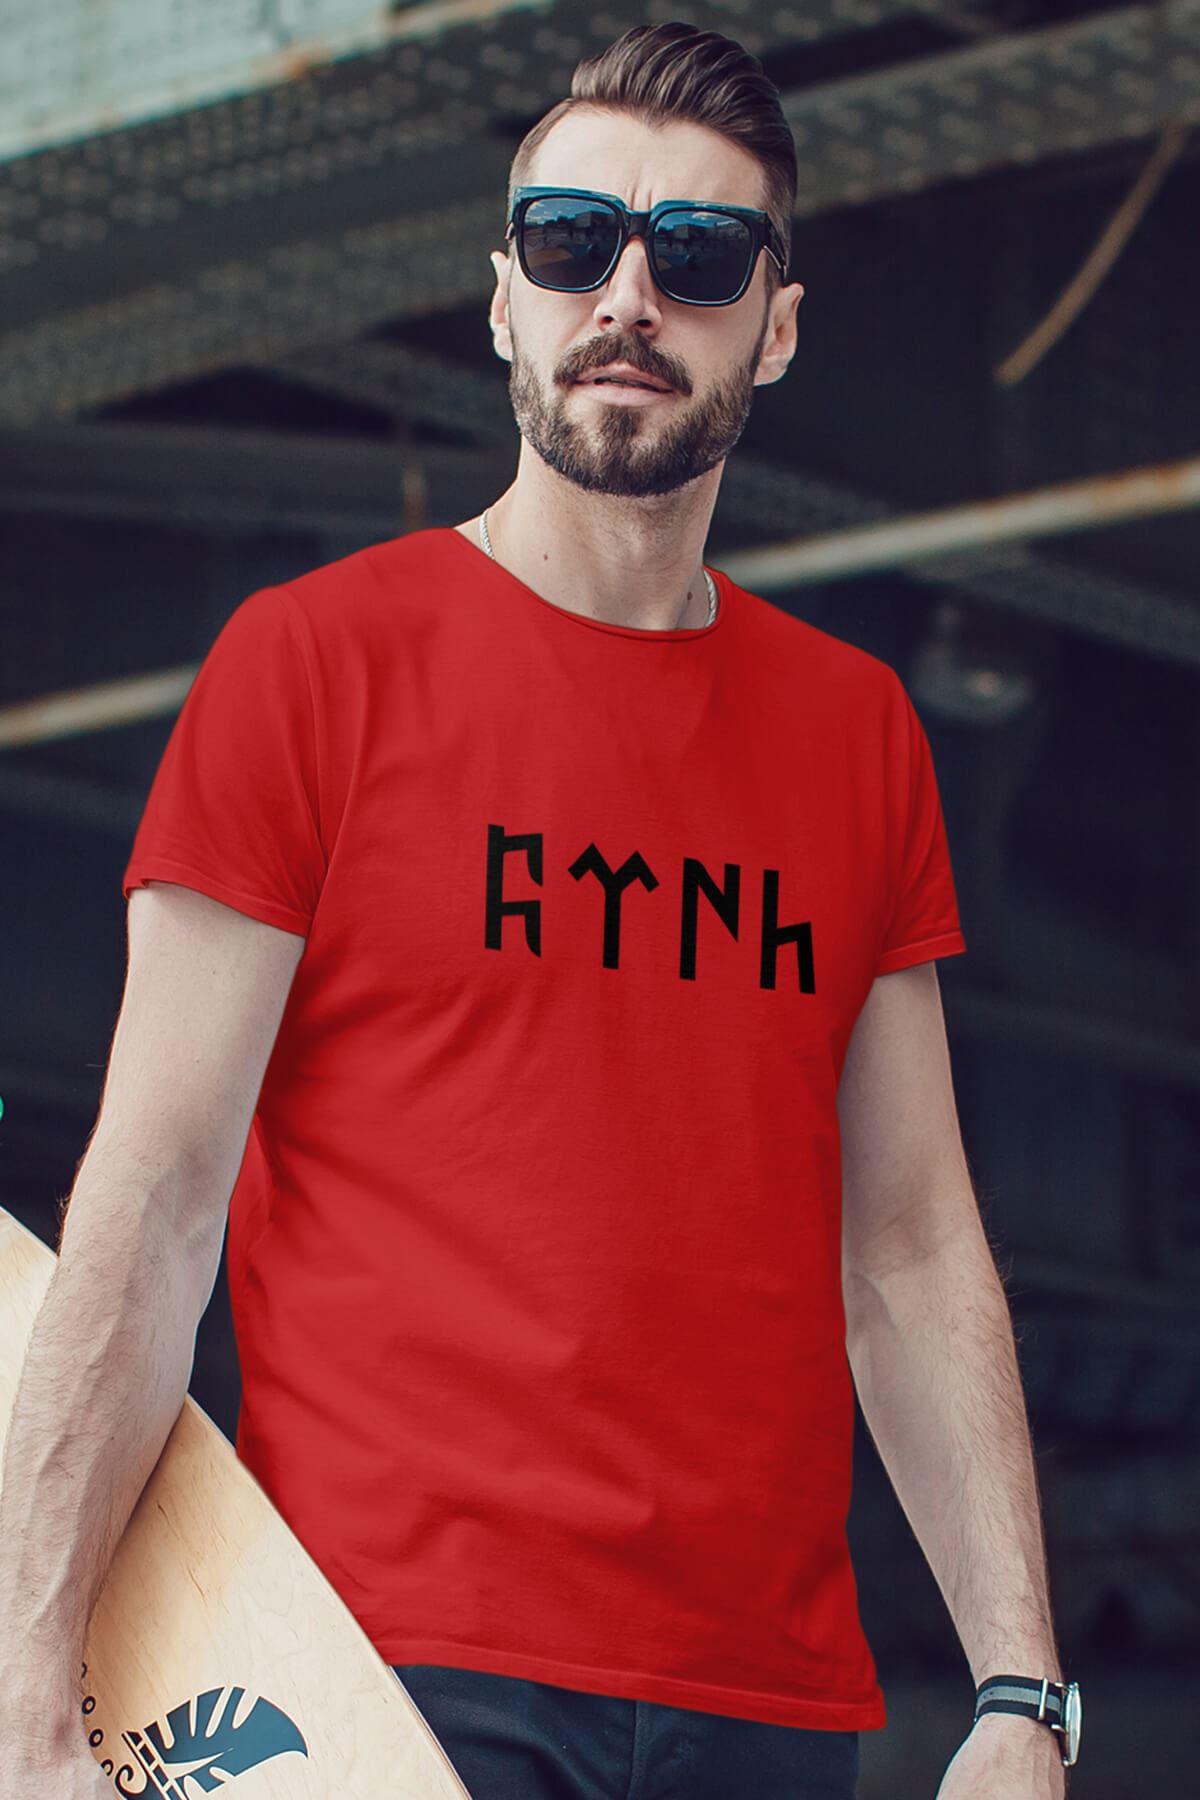 Türk Kırmızı Erkek Tshirt - Tişört